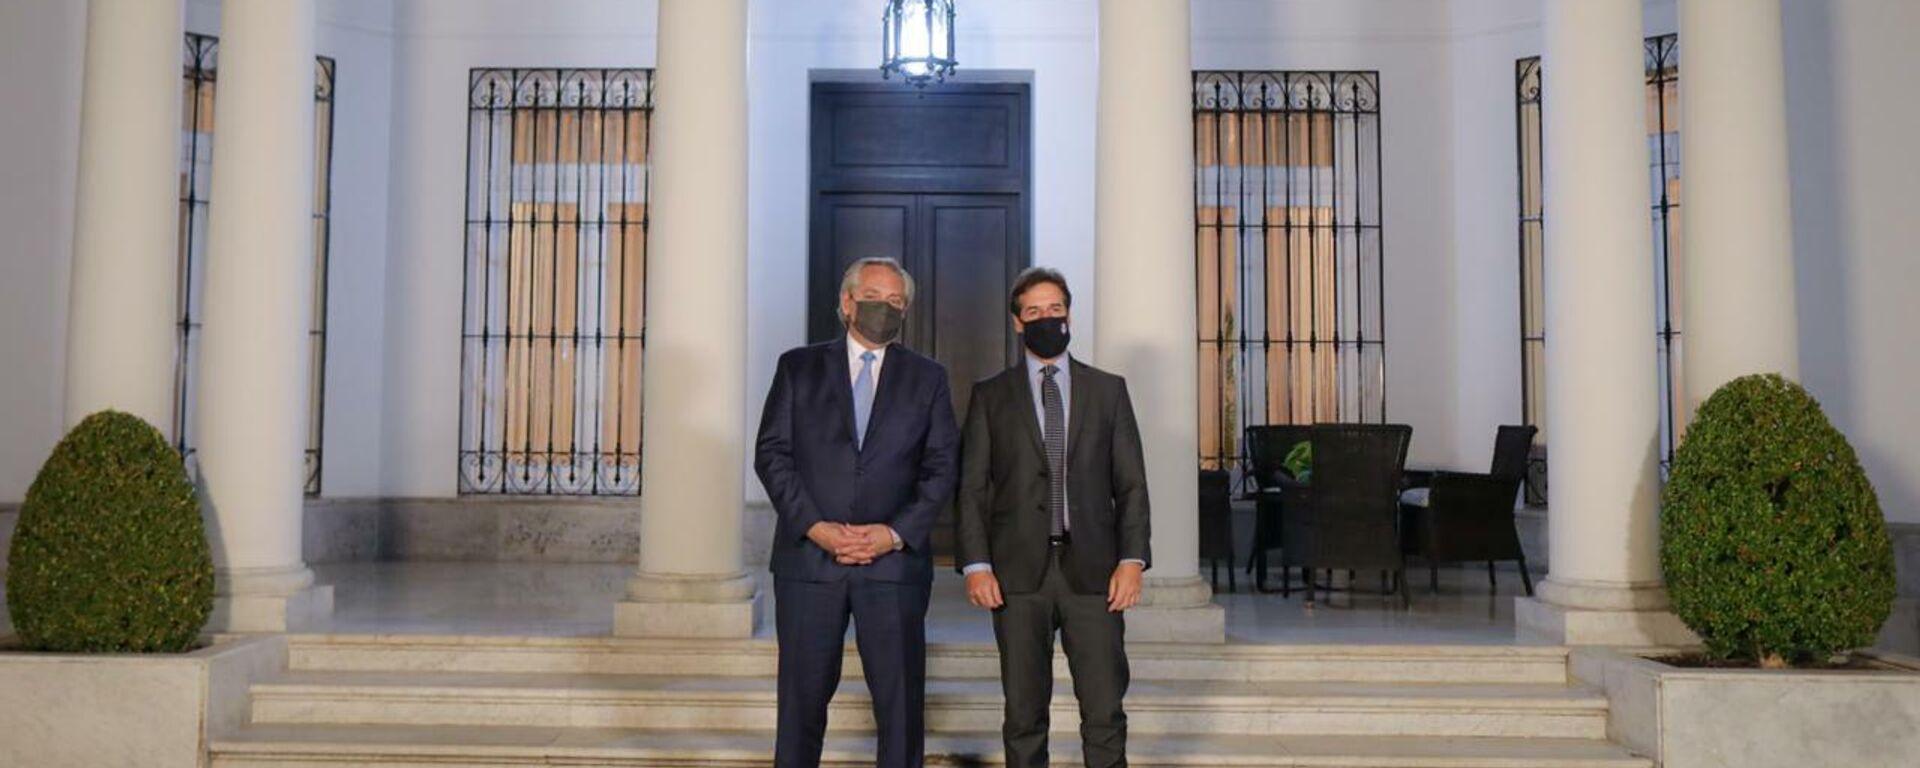 El presidente de Argentina, Alberto Fernández, con su homólogo urugyayo, Luis Lacalle Pou - Sputnik Mundo, 1920, 14.08.2021